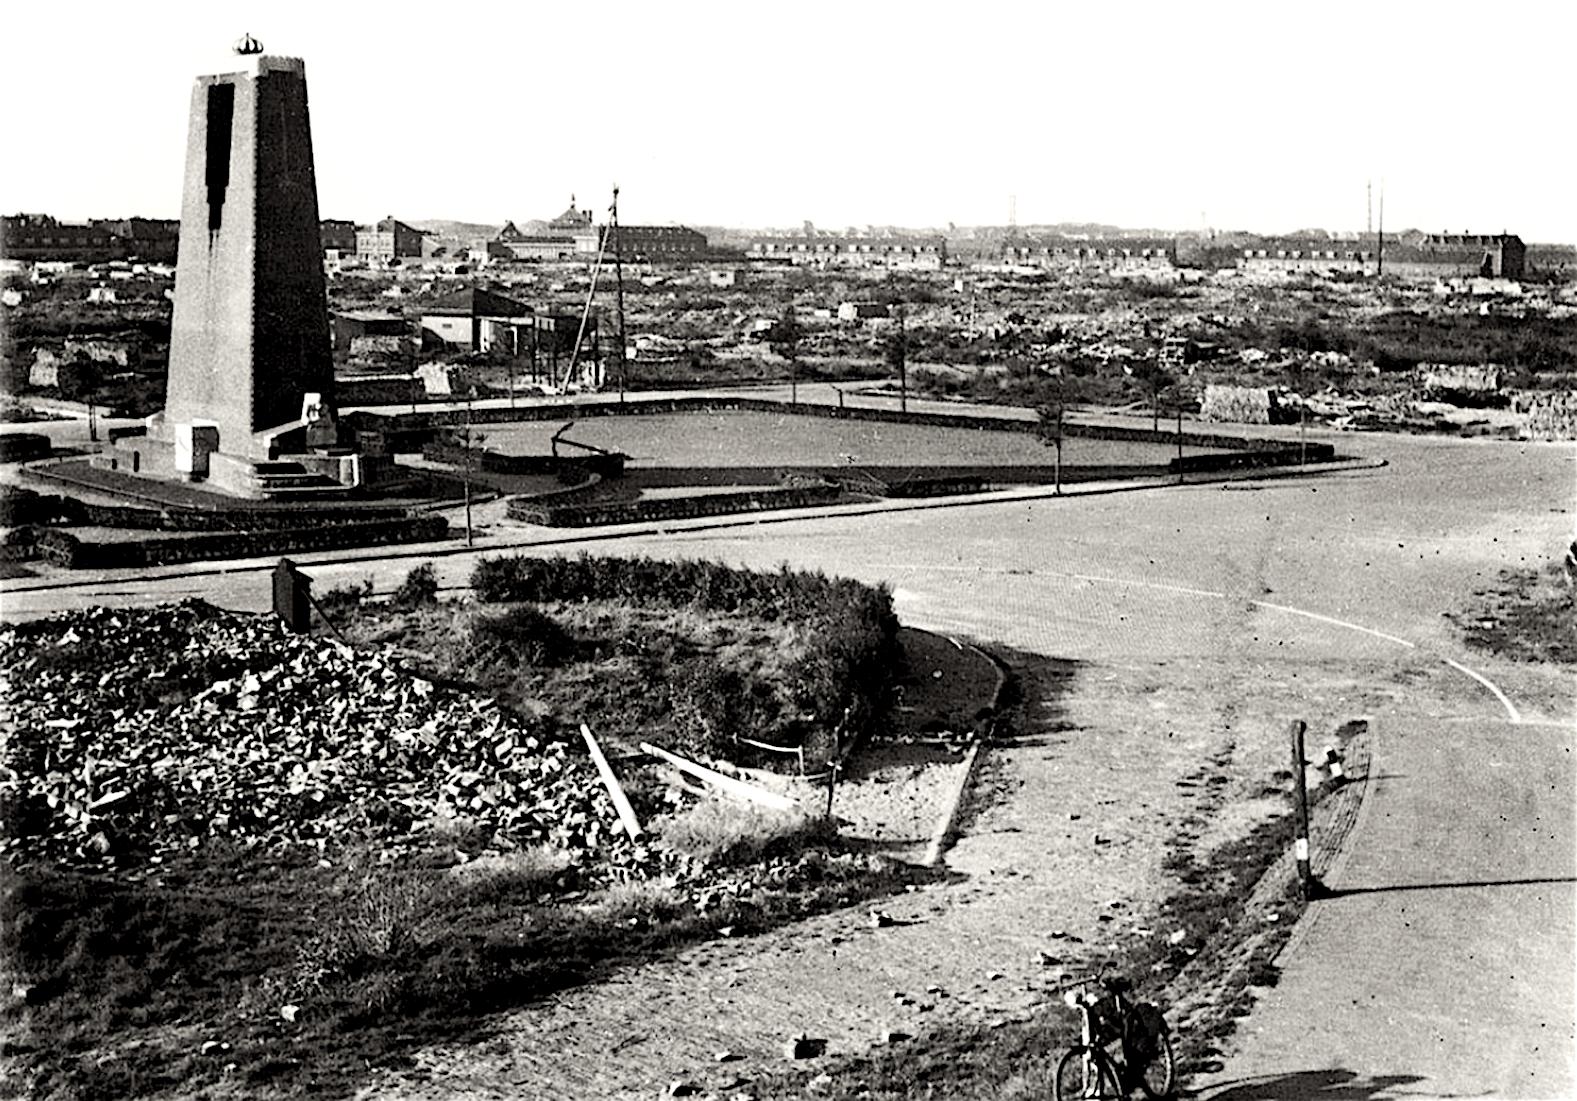 De gesloopte wijk Oude Helder, met op de voorgrond puinresten van de Kanaalweg, het monument voor het reddingswezen mocht blijven staan